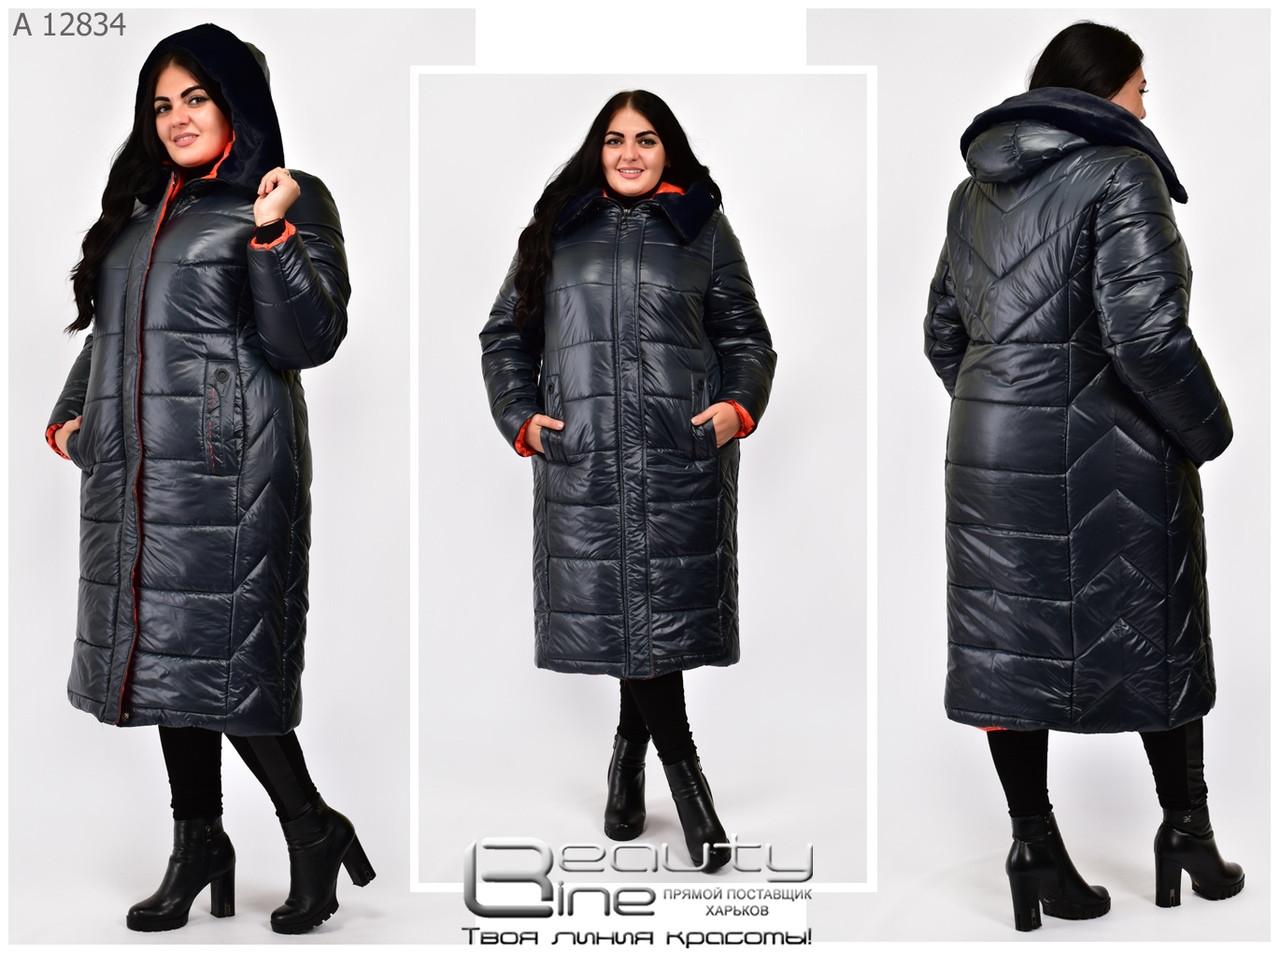 Женская зимняя куртка с капюшоном размеры: 50/52/54/56/58/60